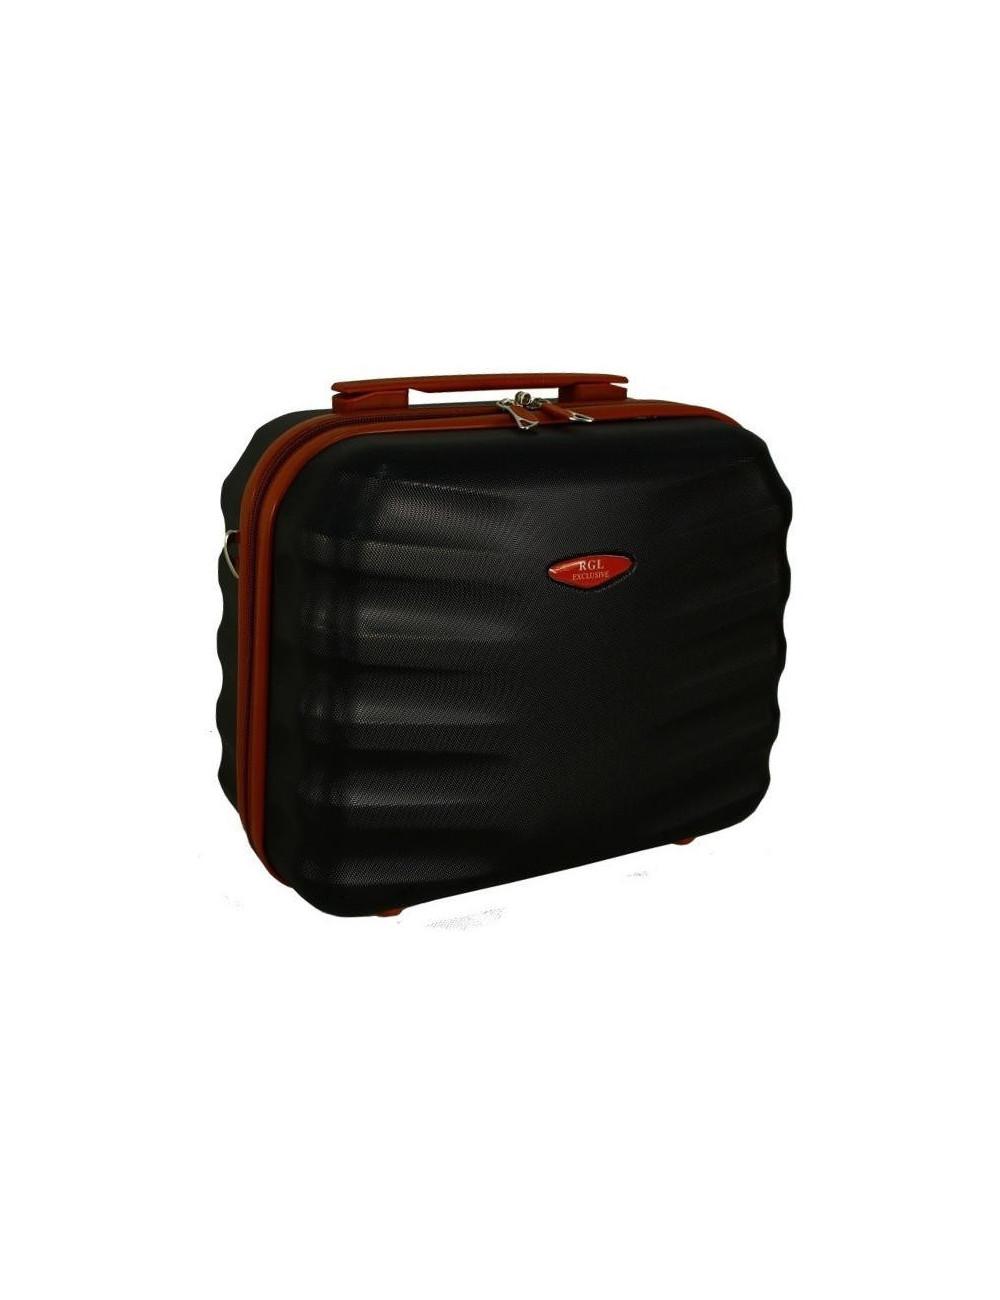 6881 RGL Średni Kuferek podróżny Carbon - czarny